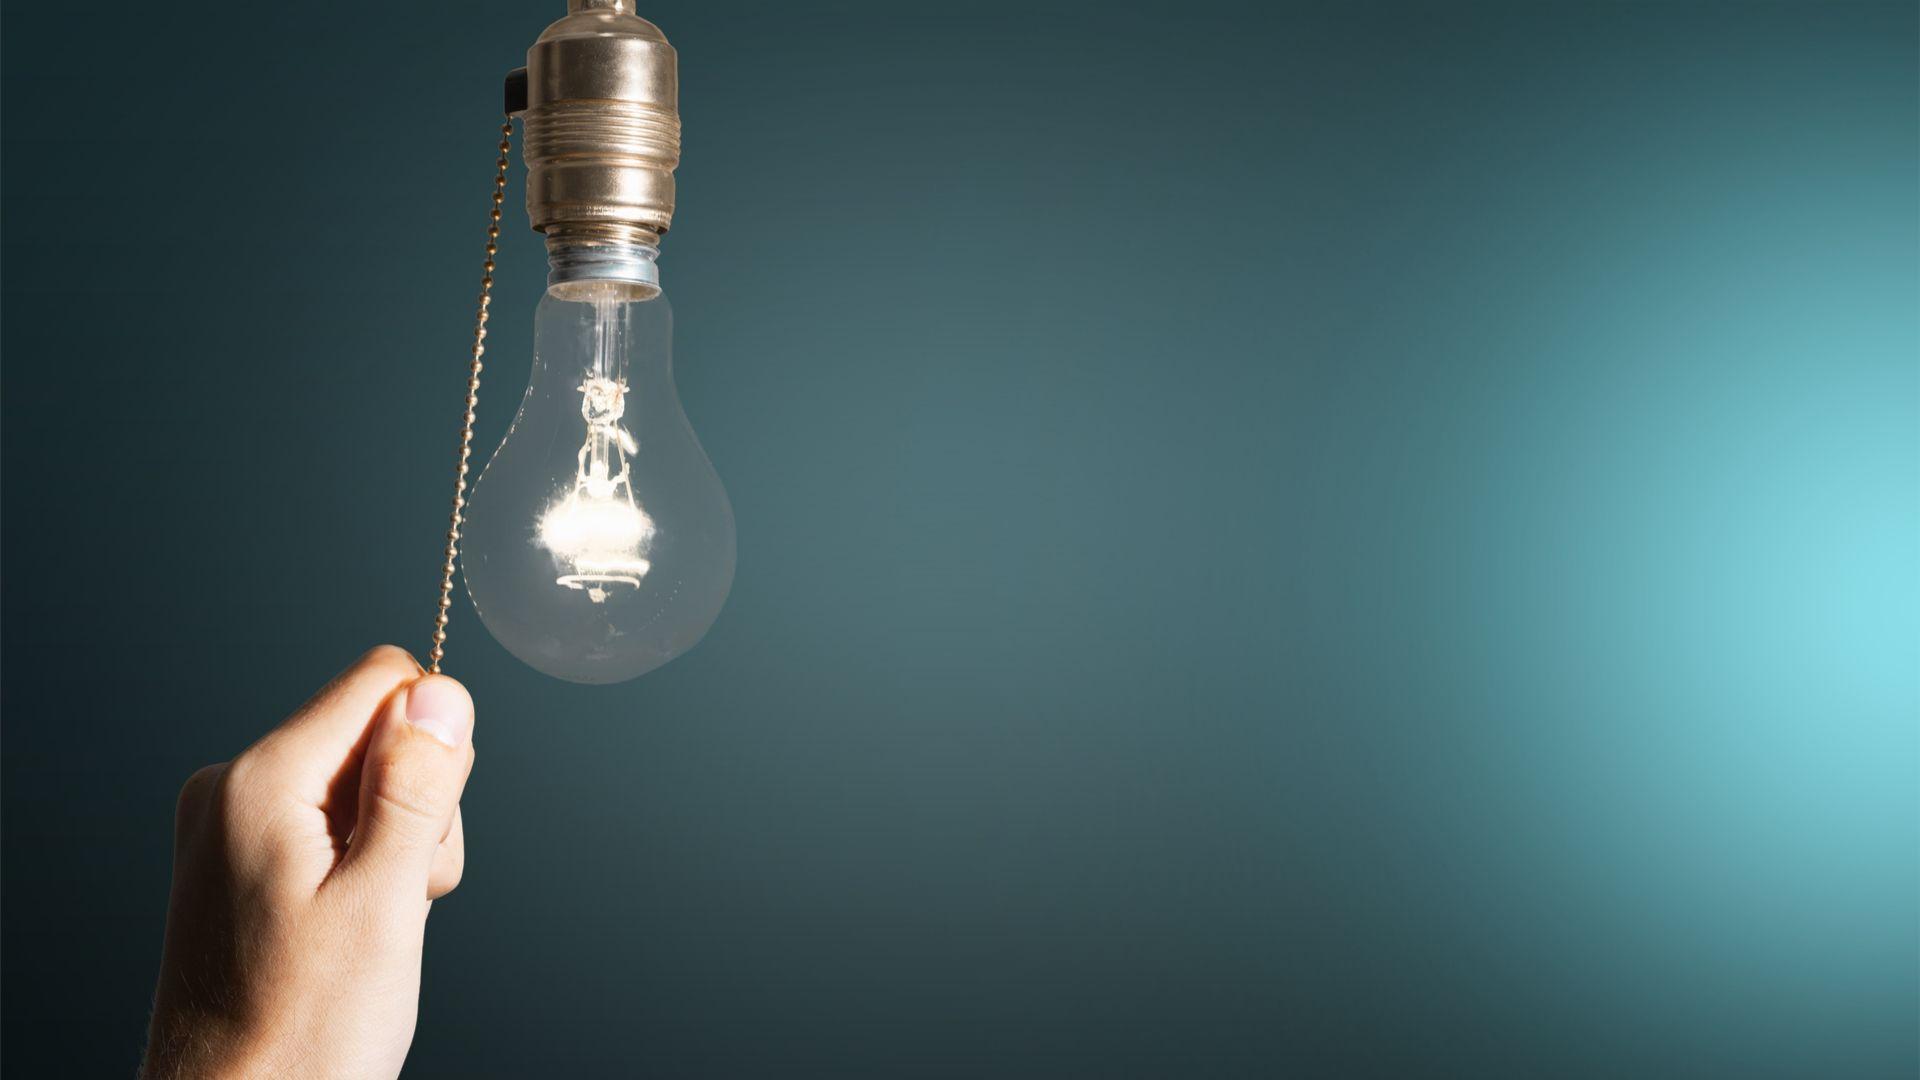 Confira a lista e saiba como economizar energia do verão! (Imagem: Reprodução/Shutterstock)